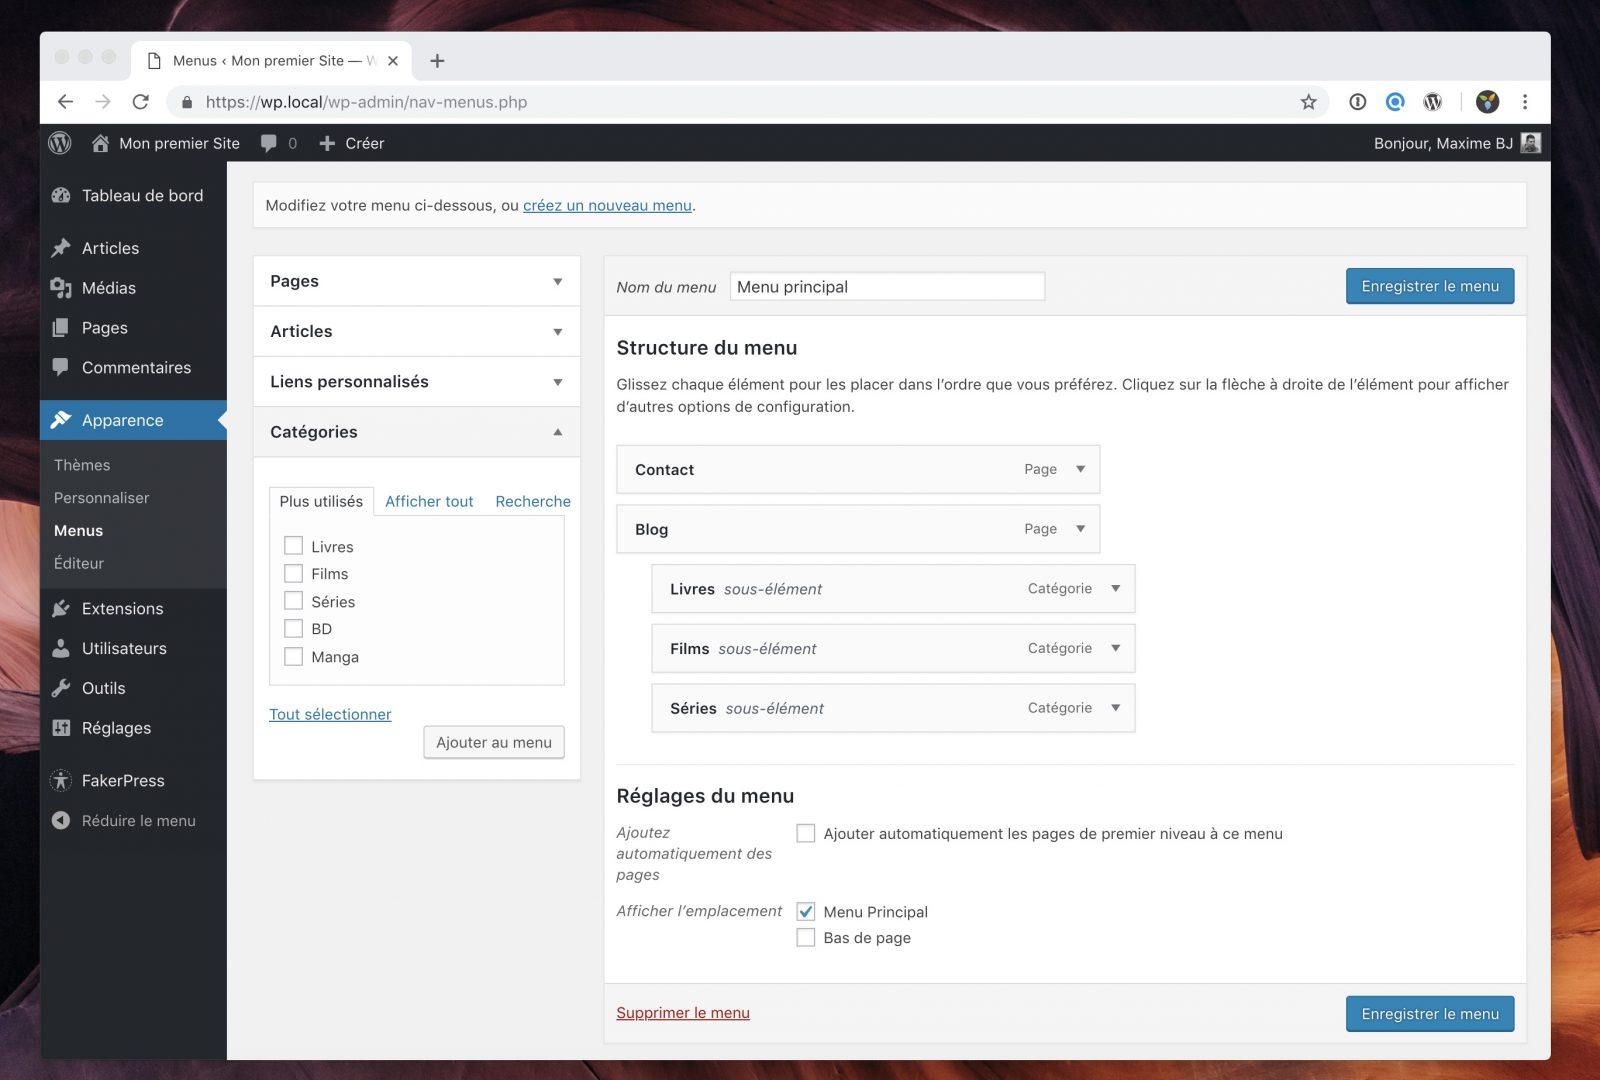 L'interface de gestion des menus dans WordPress.